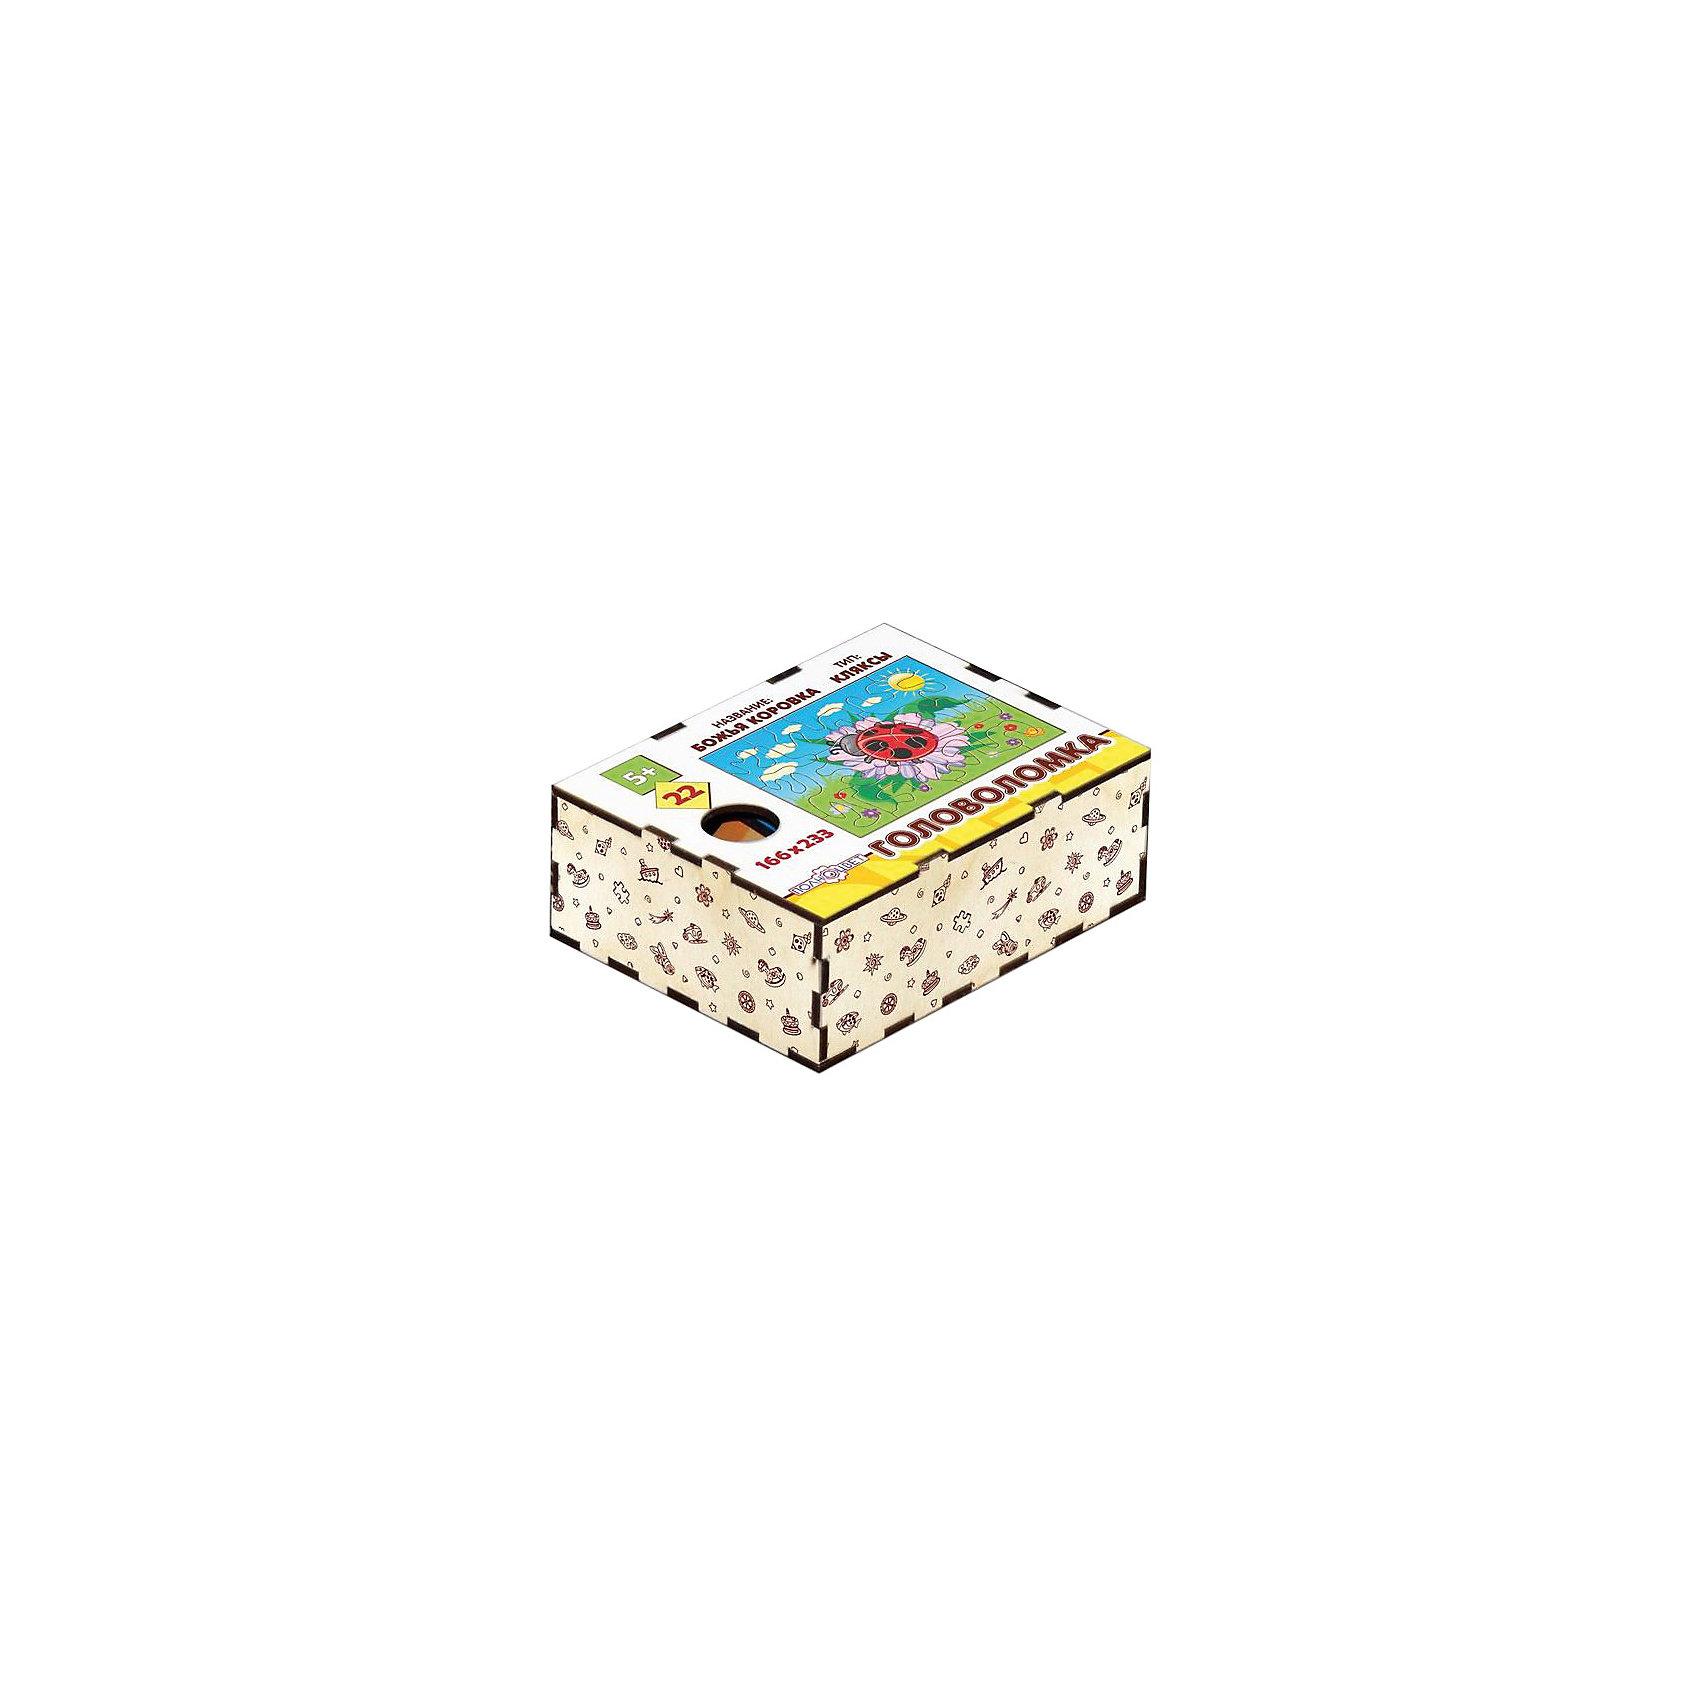 Головоломка Кляксы. Божья коровка, ПолноцветДеревянные головоломки<br>Характеристики:<br><br>• возраст: от 5 лет;<br>• количество деталей: 22;<br>• материал: фанера березовая шлифованная ФК, 3 мм;<br>• размер головоломки: 16,6х23,3х0,3 см;<br>• вес: 150 г;<br>• краска: УФ краска;<br>• тип упаковки: деревянная коробка открытого типа, термоусадка.<br><br>Интересный пазл из деталей необычной формы надолго увлечет малышей. Мальчикам и девочкам потребуется проявить максимум внимательности и усидчивости, чтобы собрать красочную картинку с божьей коровкой.<br><br>Деревянная головоломка с высококачественной печатью имеет высокий срок службы. <br><br>Игрушка рекомендована для детских садов и центров, а также для домашнего использования.<br><br>Головоломку «Кляксы. Божья коровка», Полноцвет можно приобрести в нашем интернет-магазине.<br><br>Ширина мм: 30<br>Глубина мм: 230<br>Высота мм: 170<br>Вес г: 150<br>Возраст от месяцев: 36<br>Возраст до месяцев: 2147483647<br>Пол: Унисекс<br>Возраст: Детский<br>SKU: 7025961